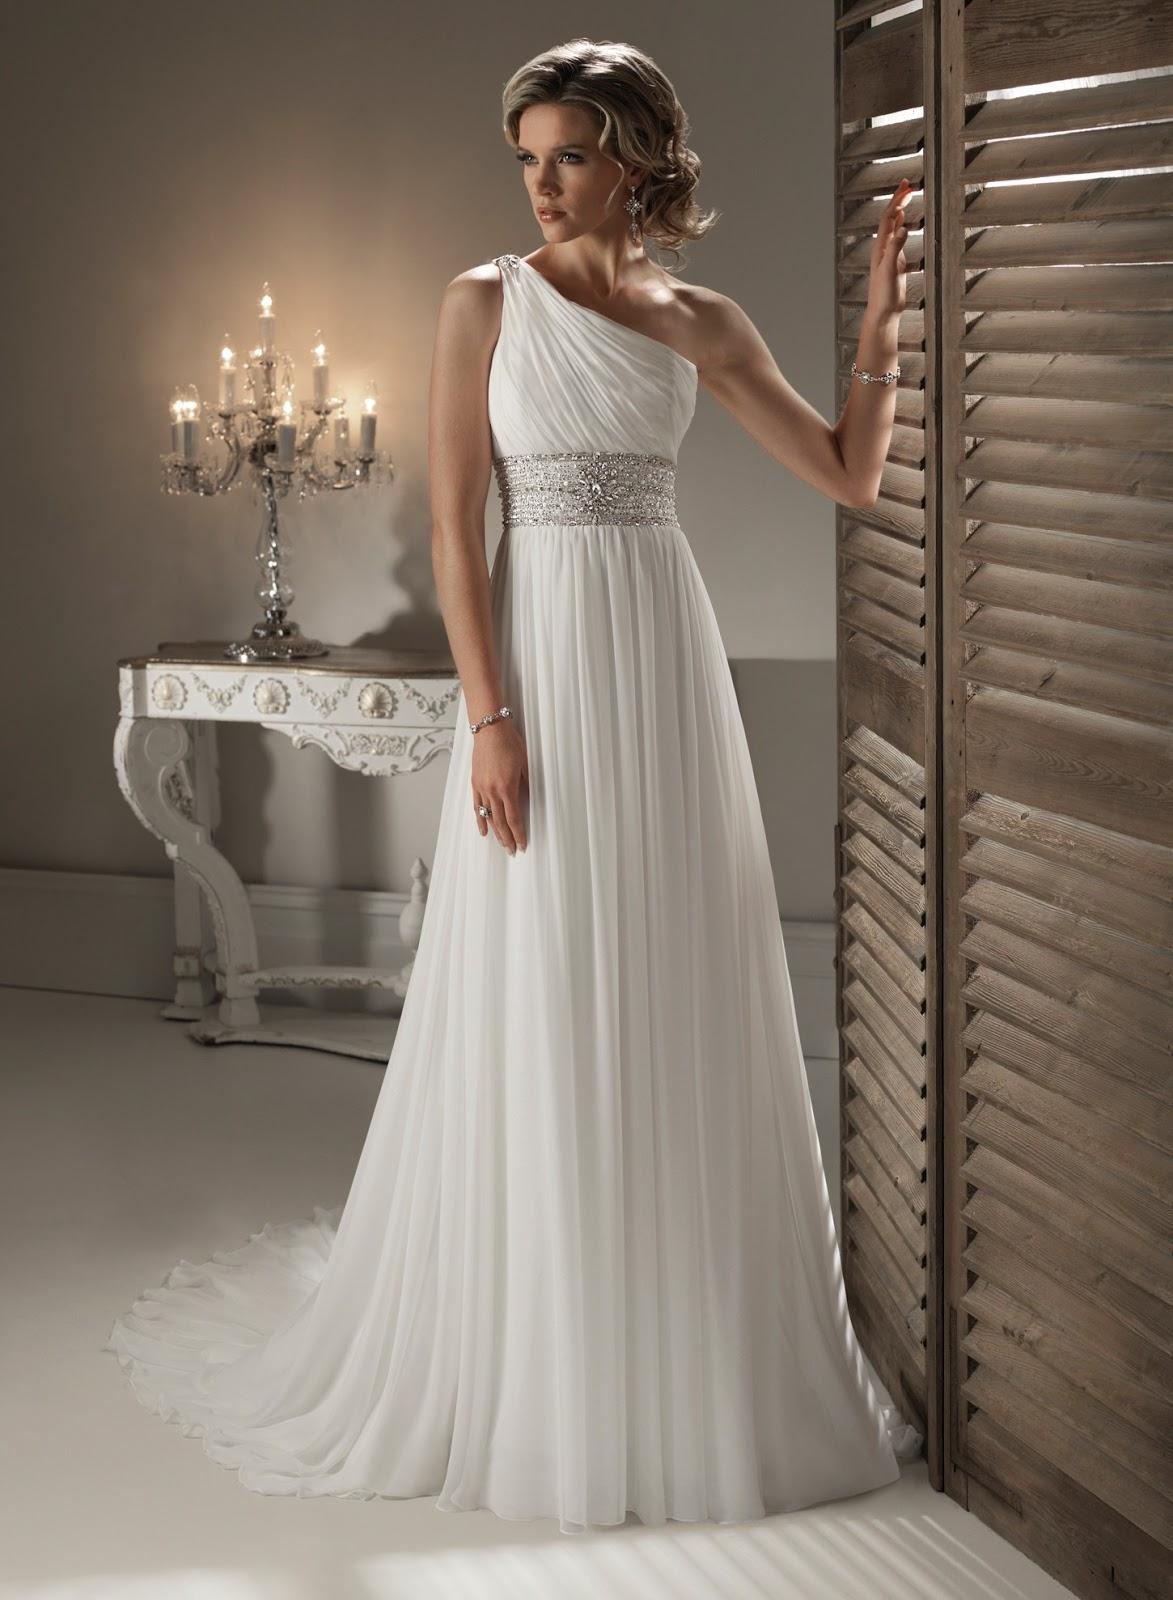 Pictures Of Wedding Dresses For Older Brides